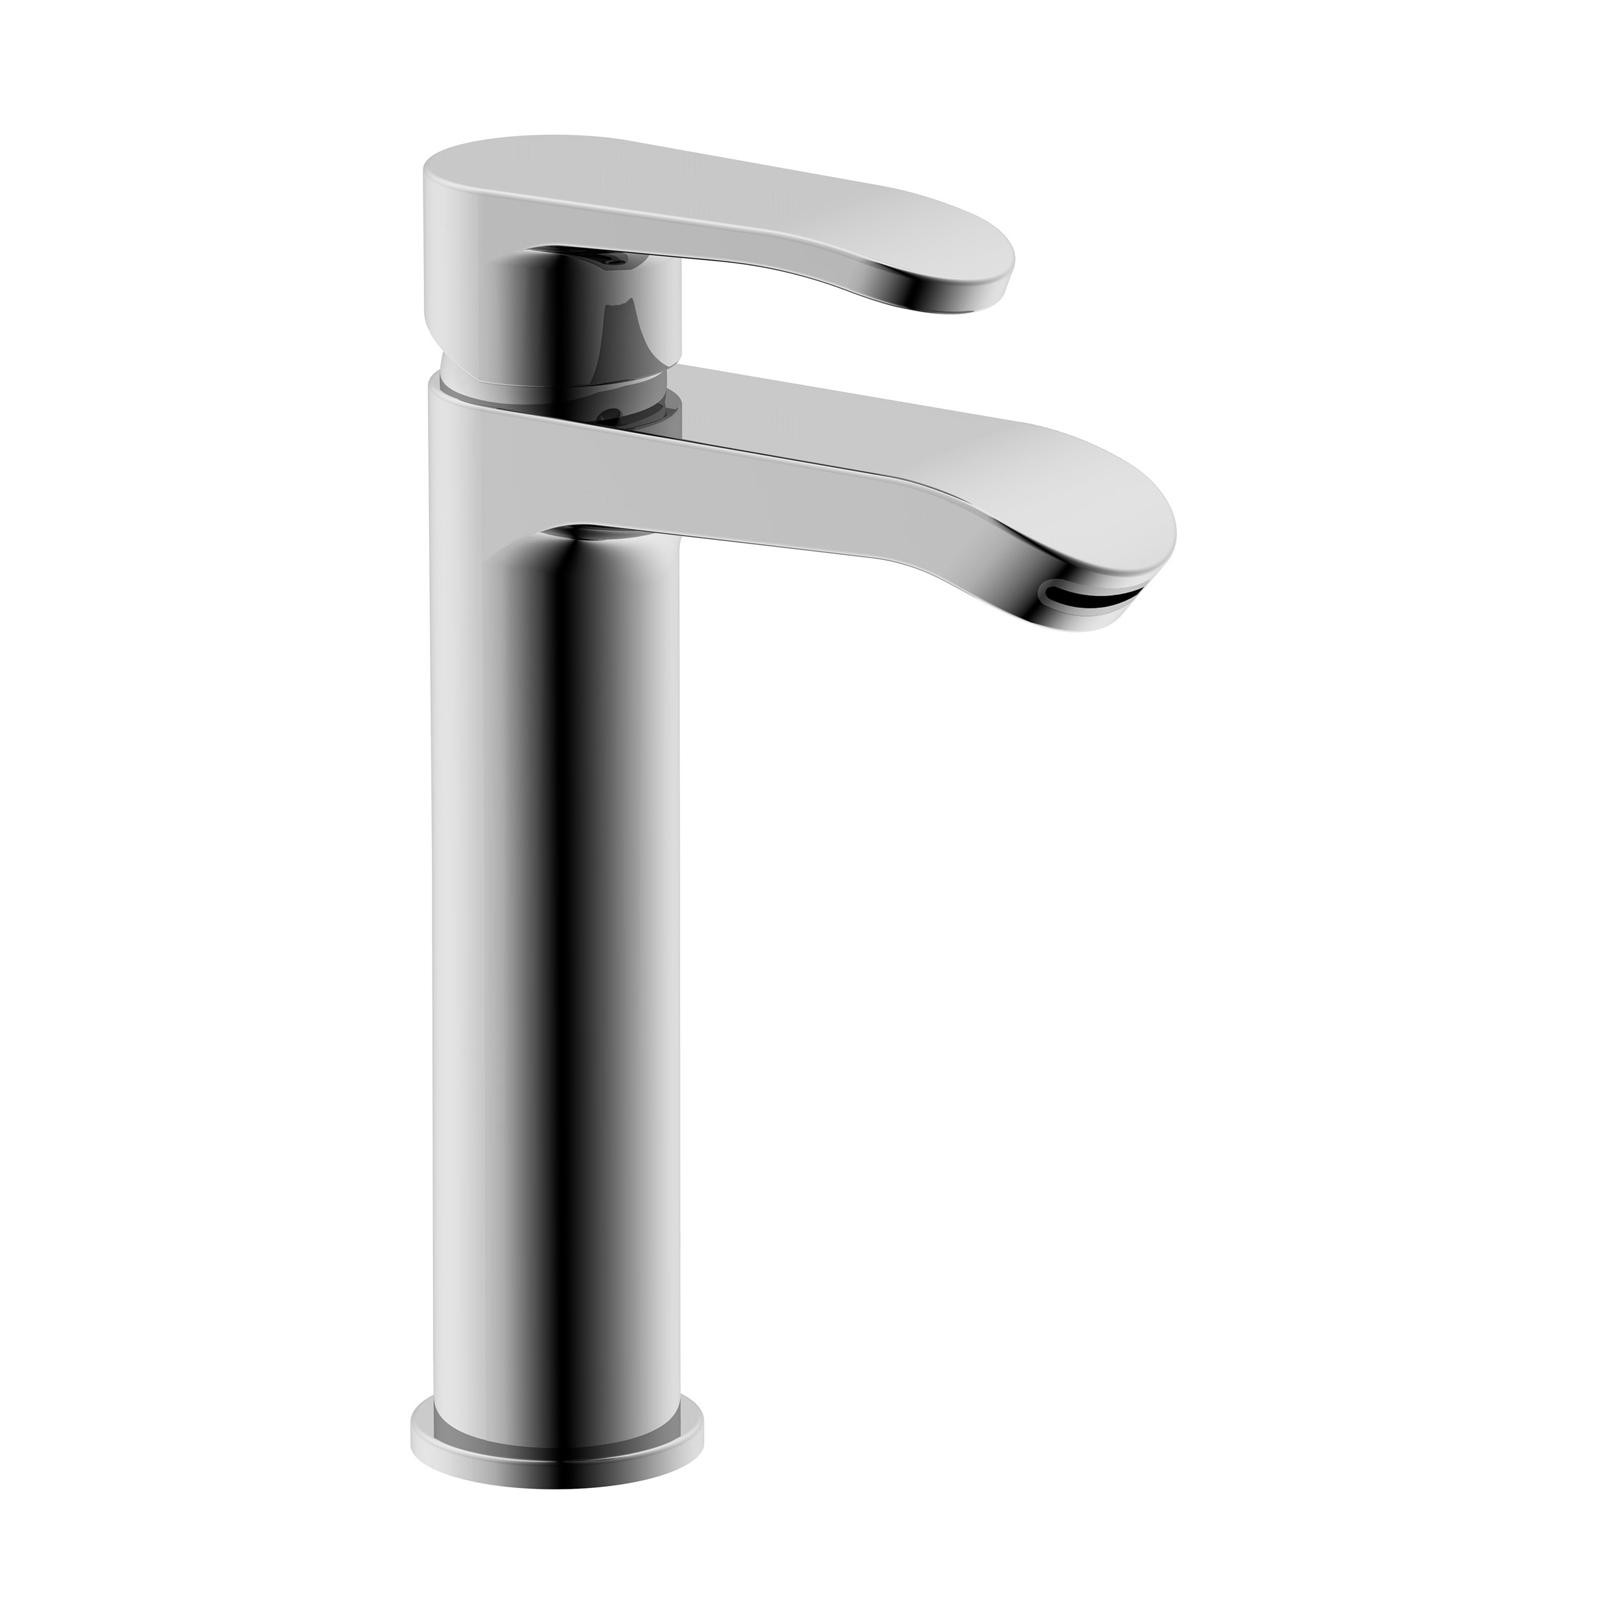 Einhebel-Waschbecken-Mischer mit CLICK-CLACK Entwässerung